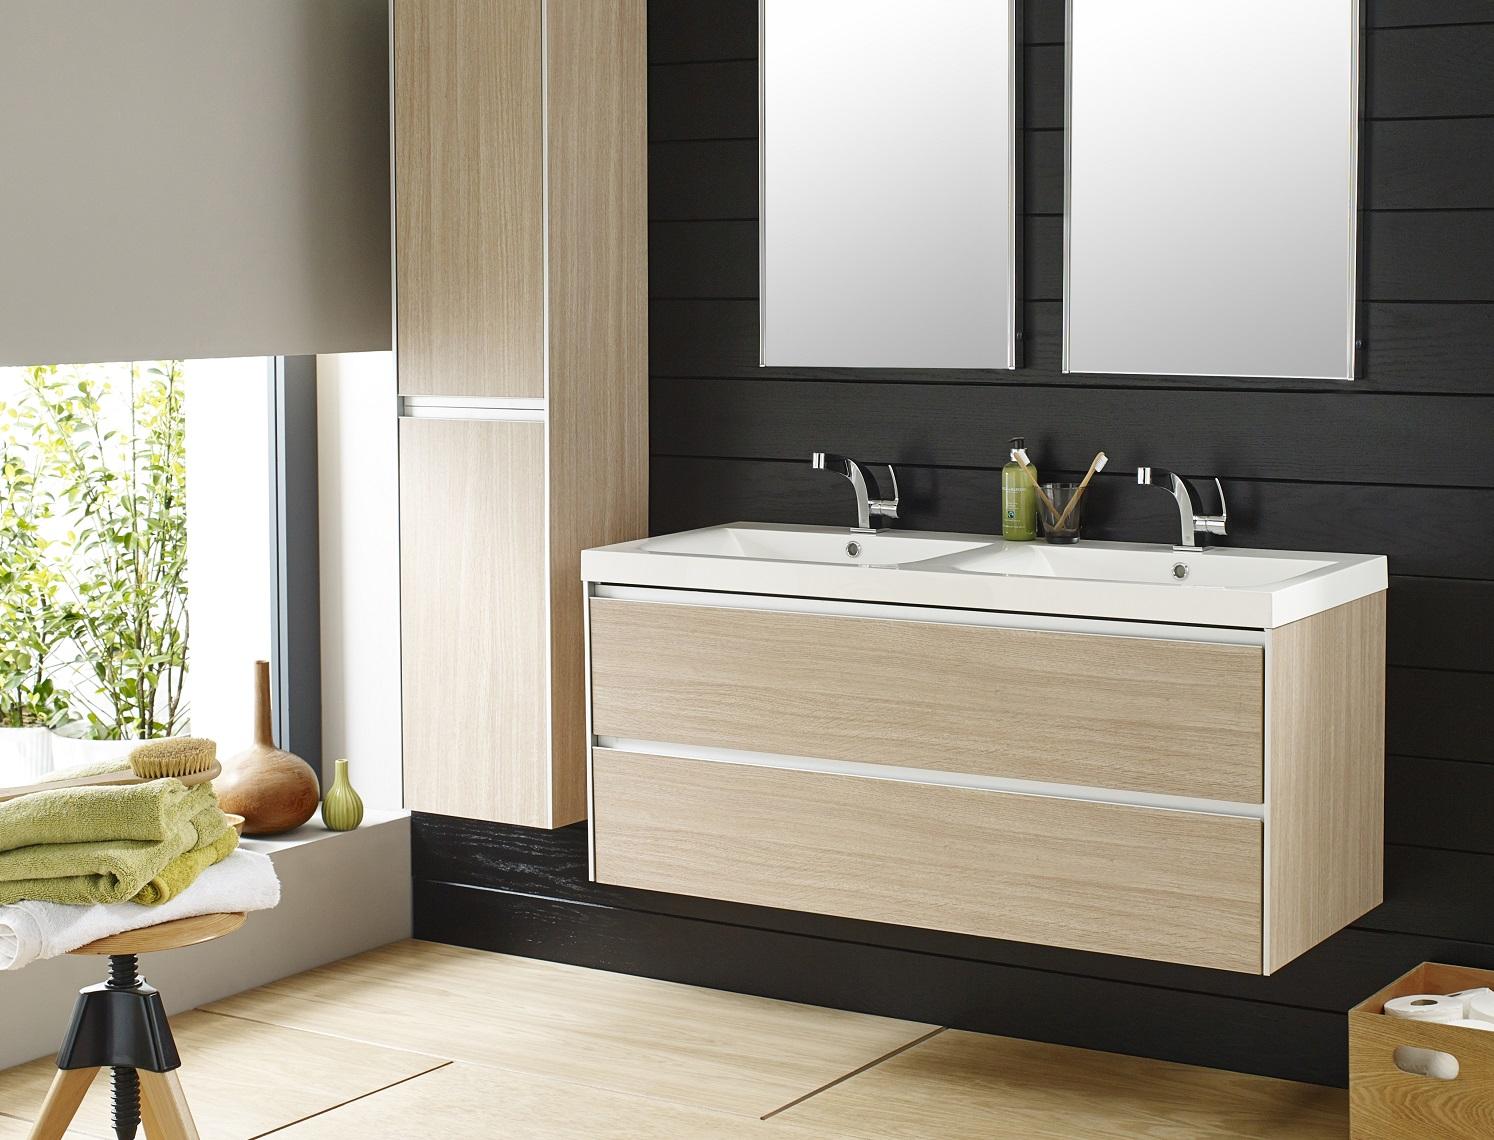 bathroom units - Kemist.orbitalshow.co